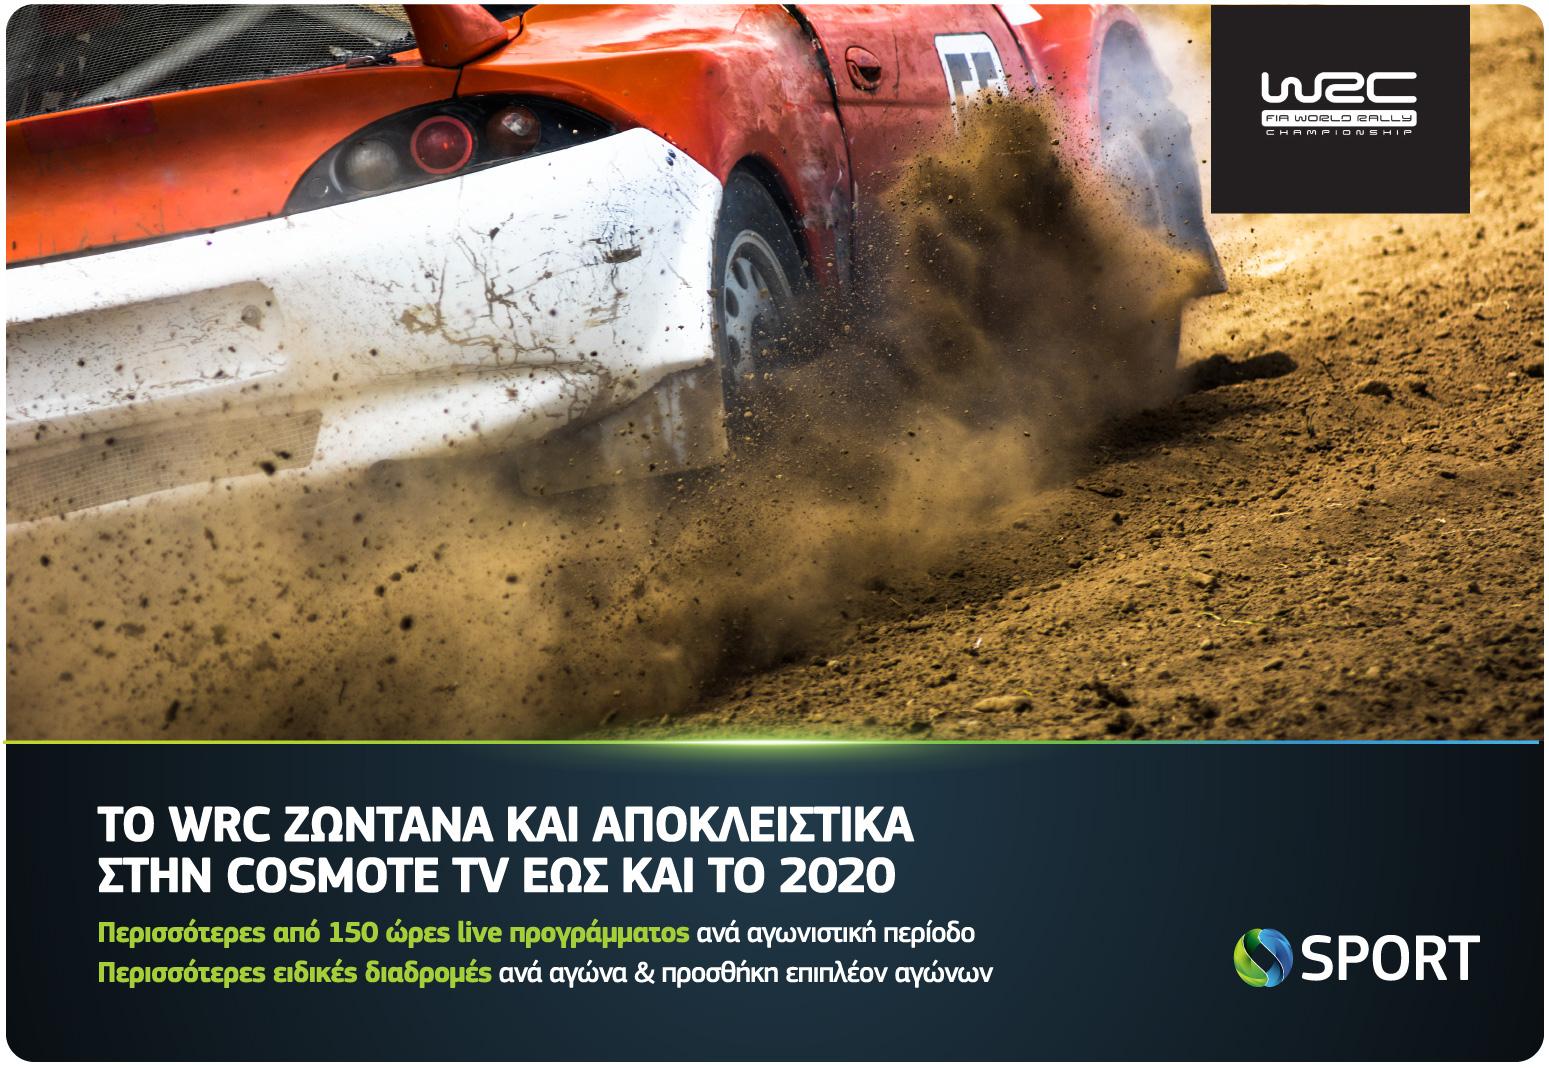 Το WRC στα  COSMOTE SPORT έως και το 2020